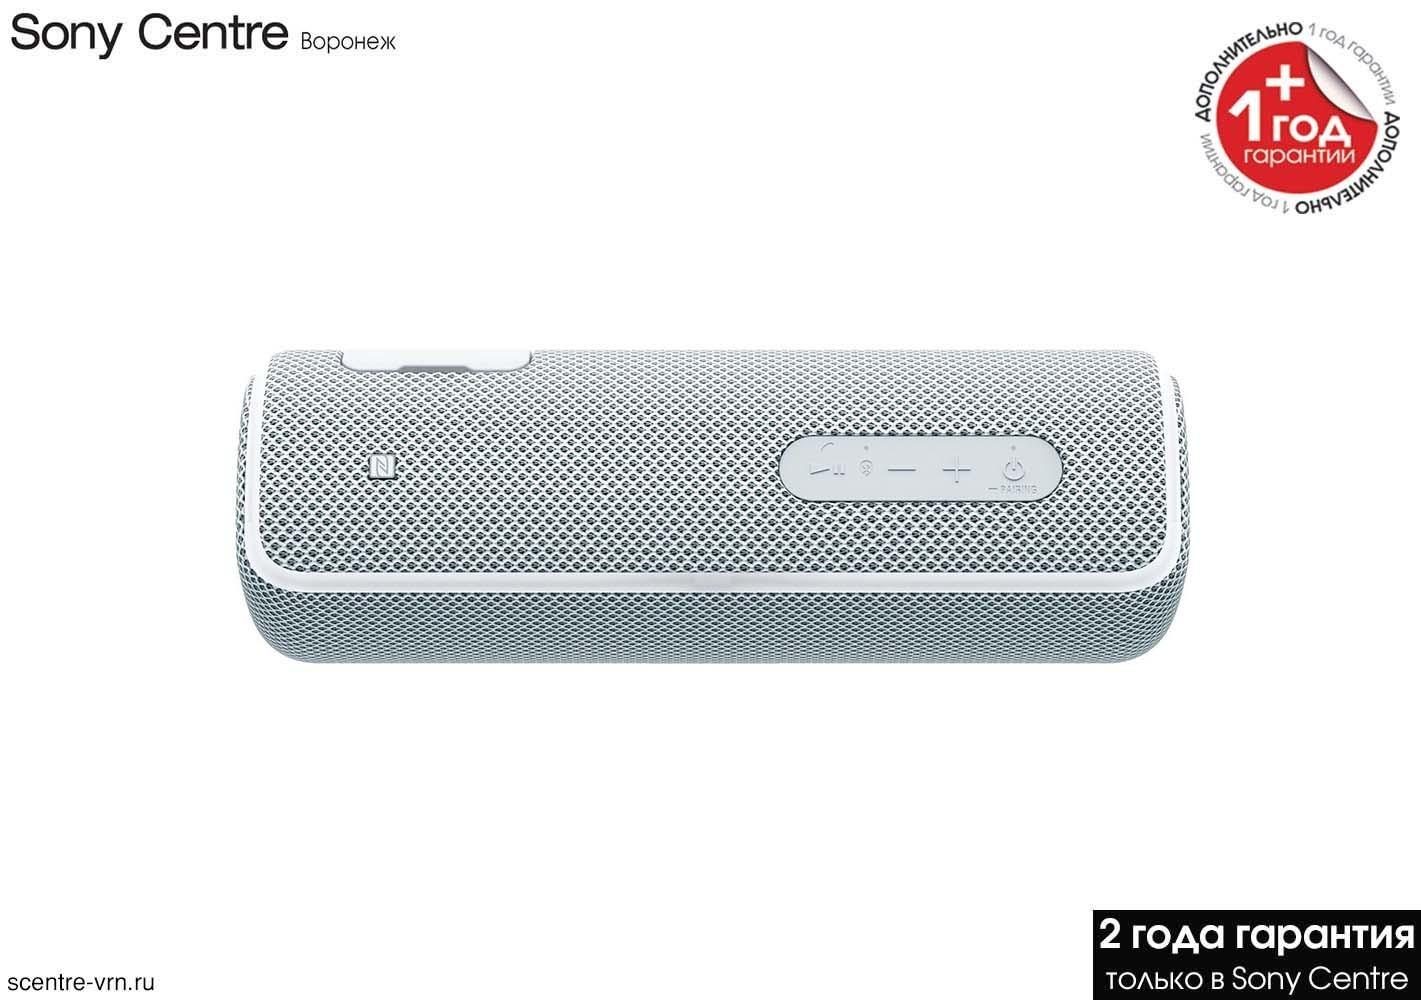 Беспроводная колонка Sony SRS-XB21 белого цвета